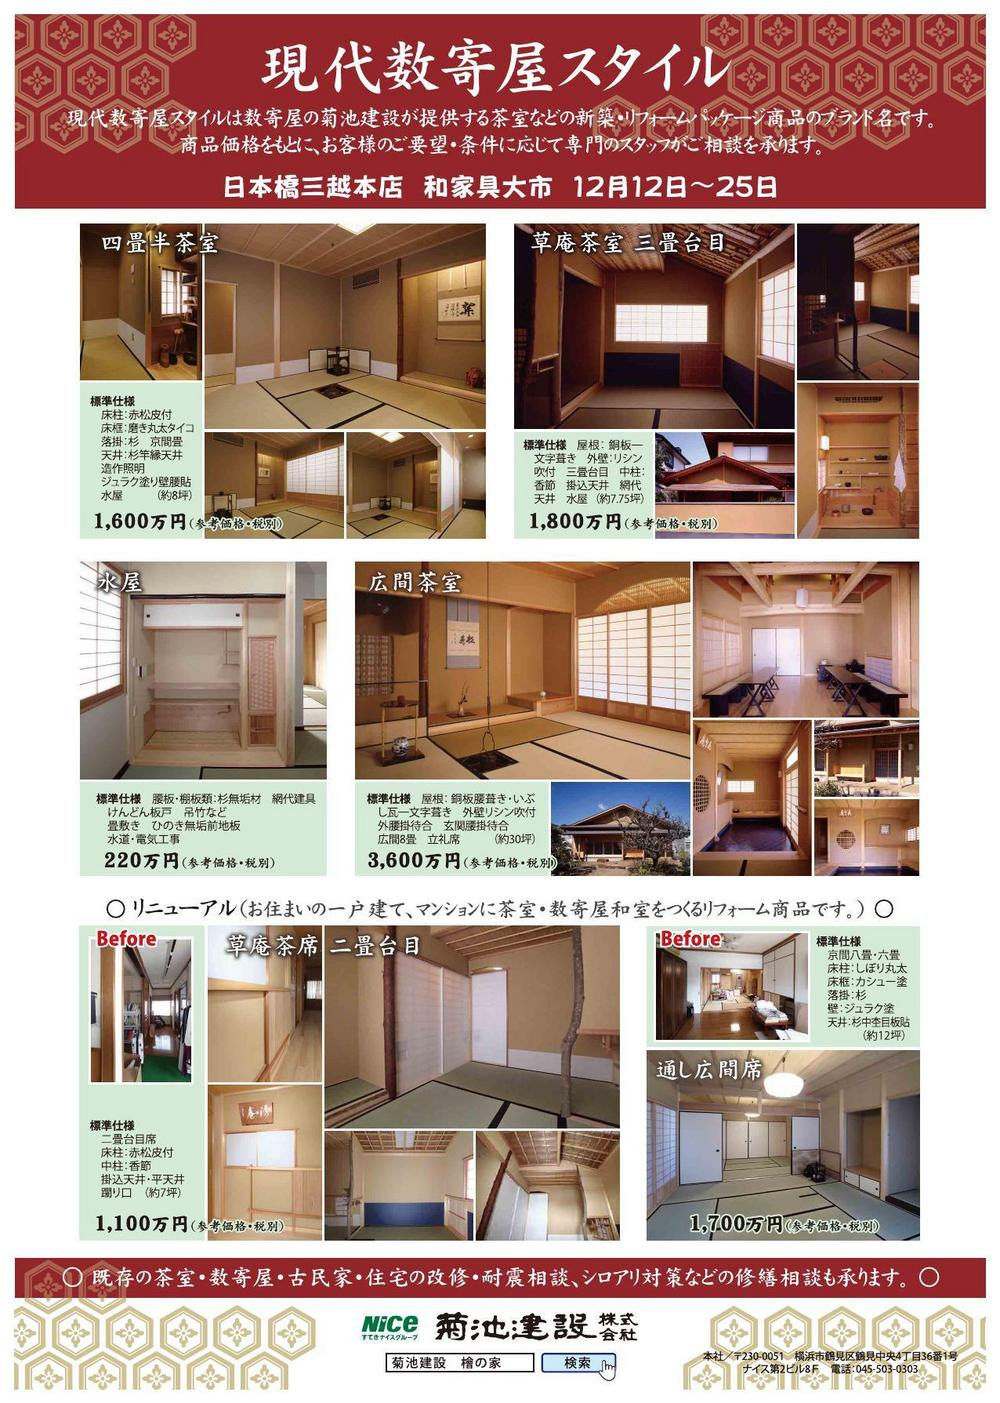 https://www.kikuchi-kensetsu.co.jp/news/images/mitsukoshi_wakagu_201812.jpg